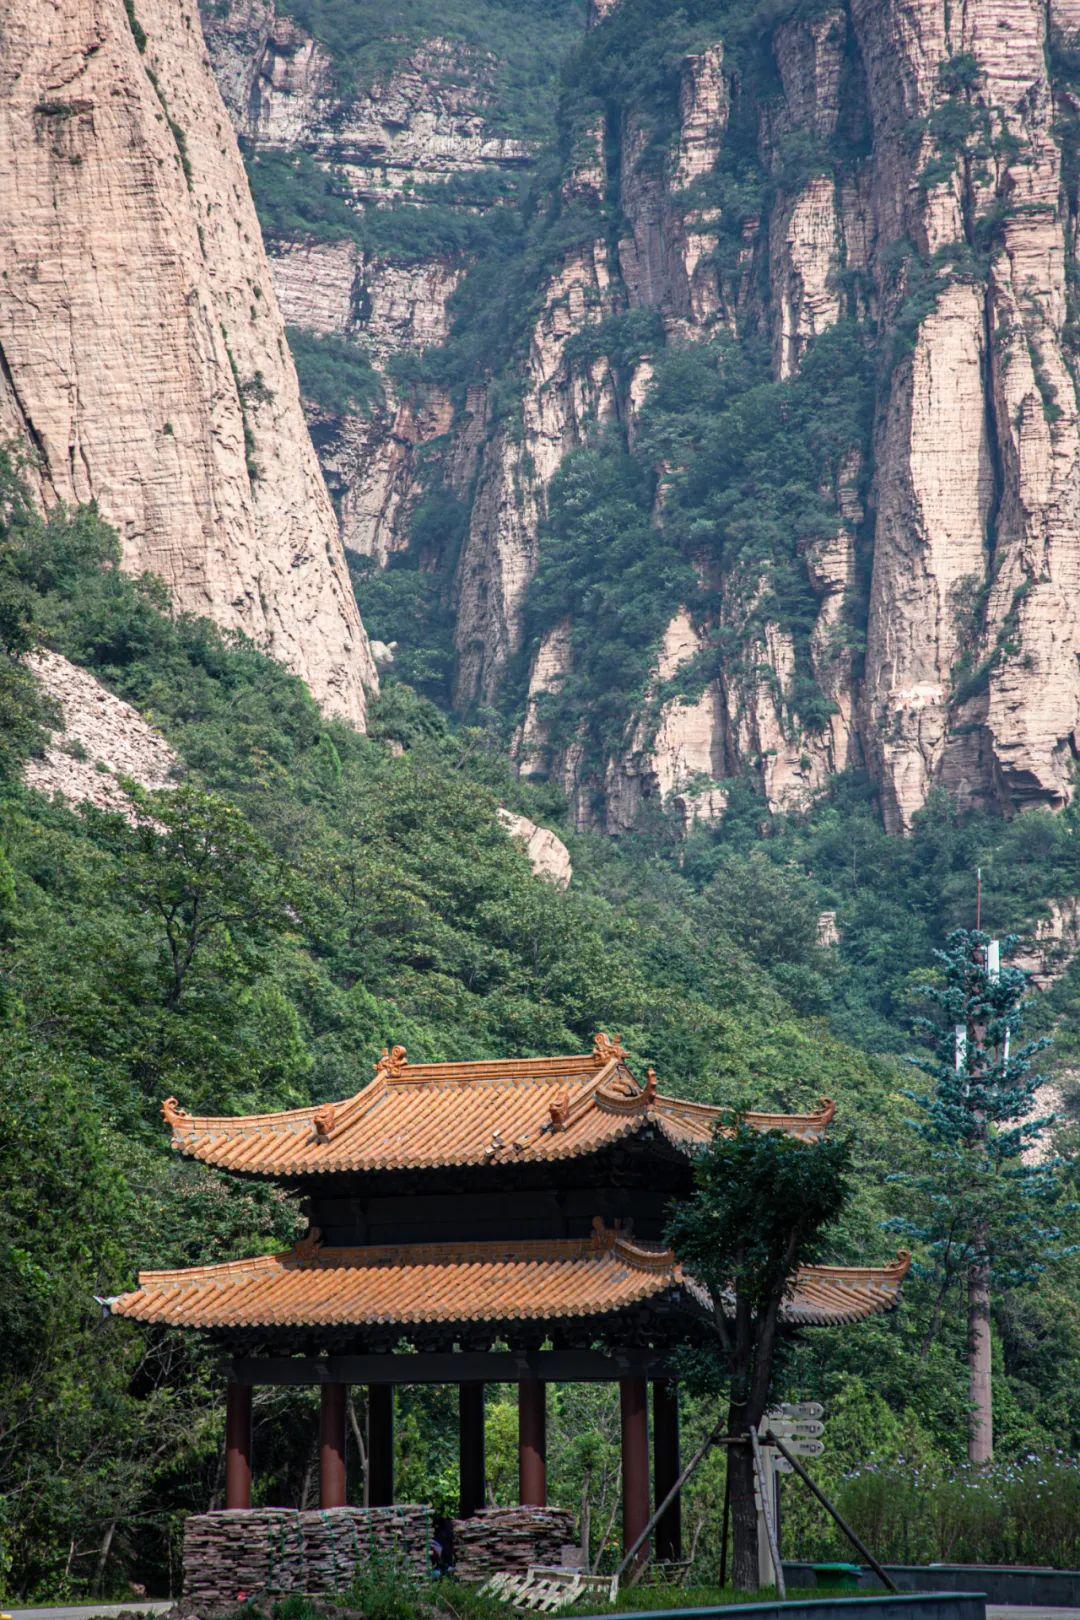 绝美!太行山中段,藏着一个巍峨壮丽的峡谷秘境